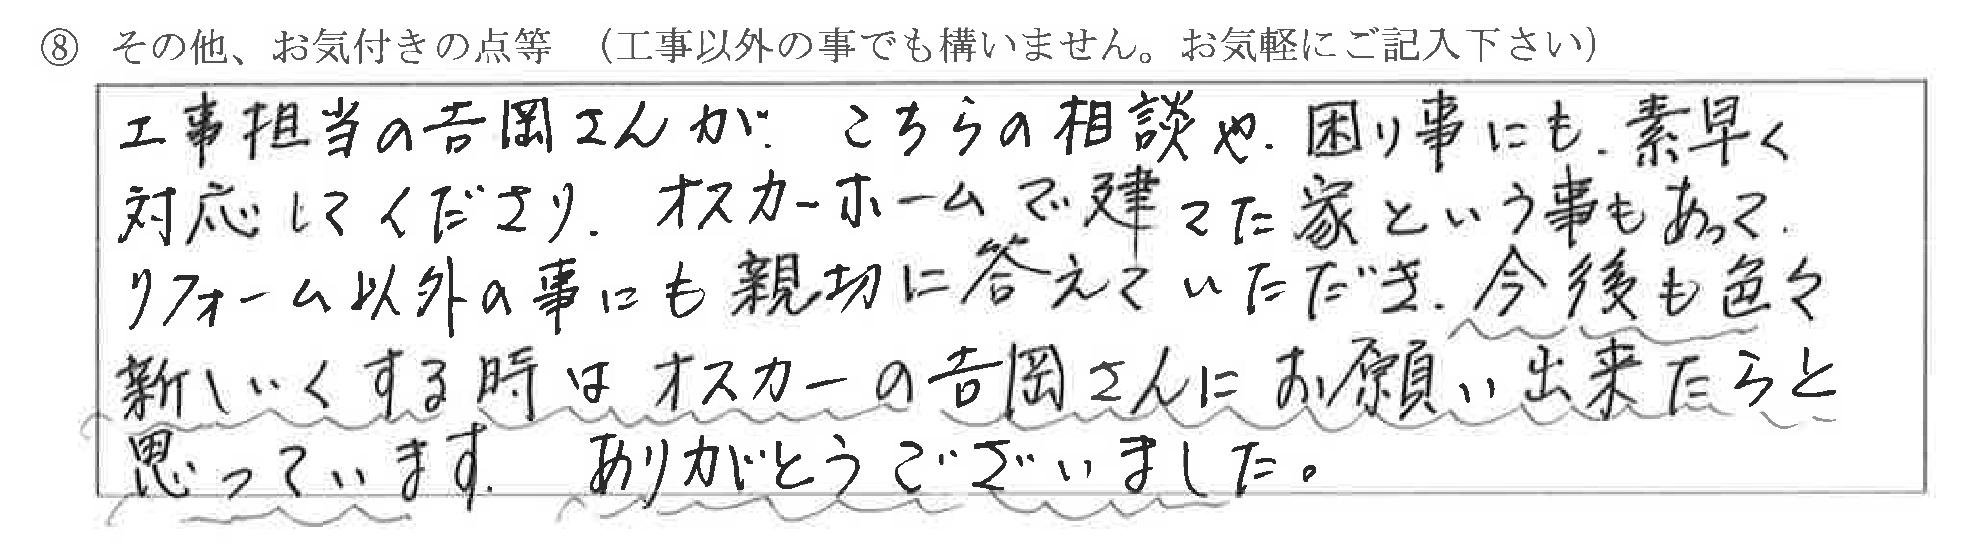 富山県中新川郡M様に頂いた浴室改装工事についてのお気づきの点がありましたら、お聞かせ下さい。というご質問について「浴室改装工事 【お喜びの声】」というお声についての画像